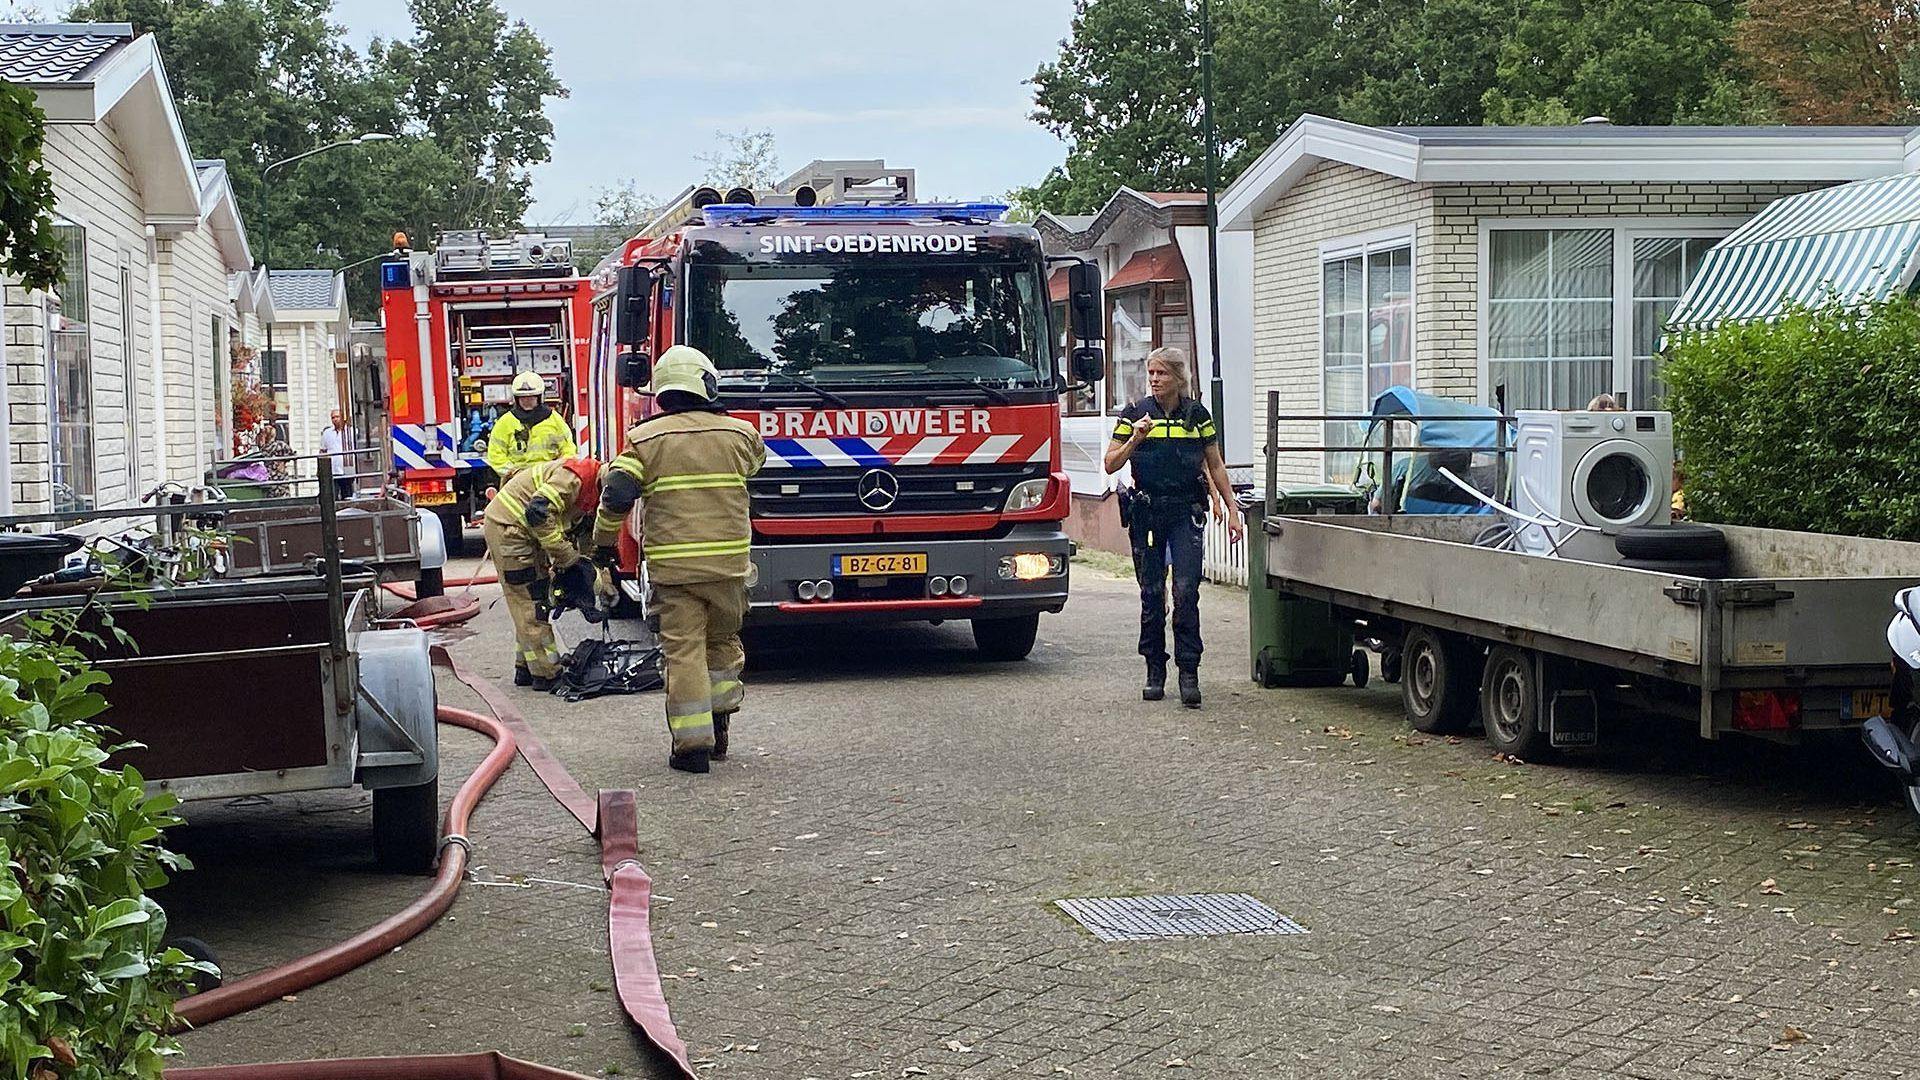 Brandweerwagen op de Eemshof